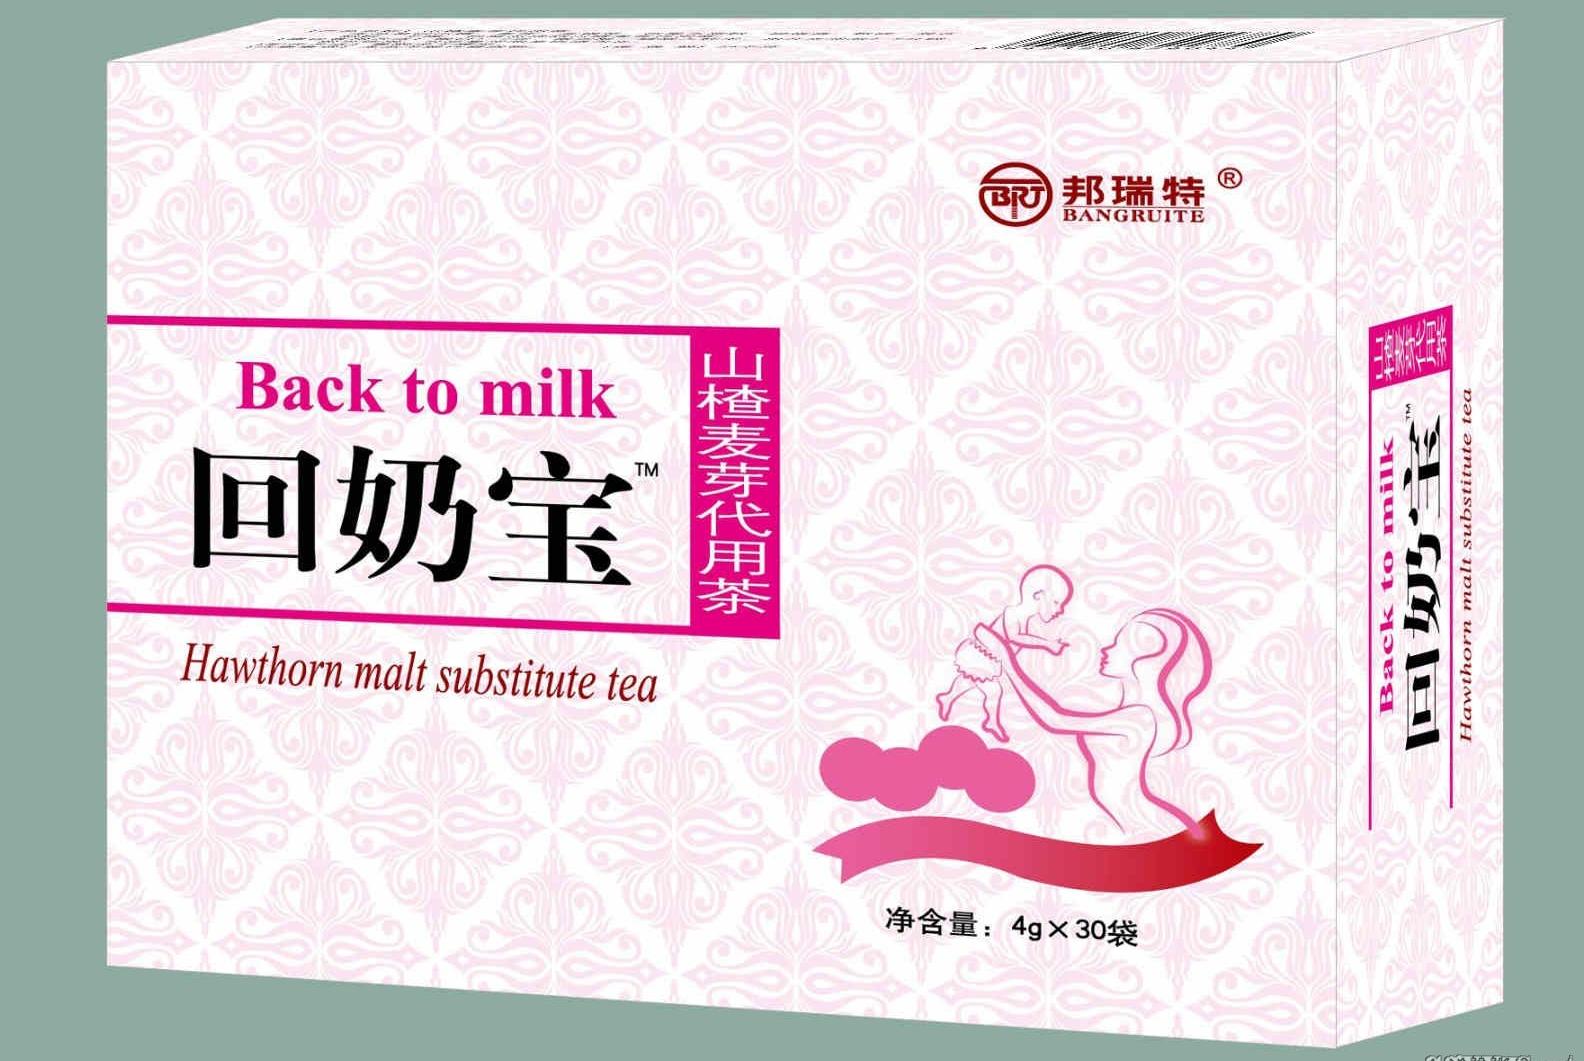 回奶宝-山楂麦芽代用茶